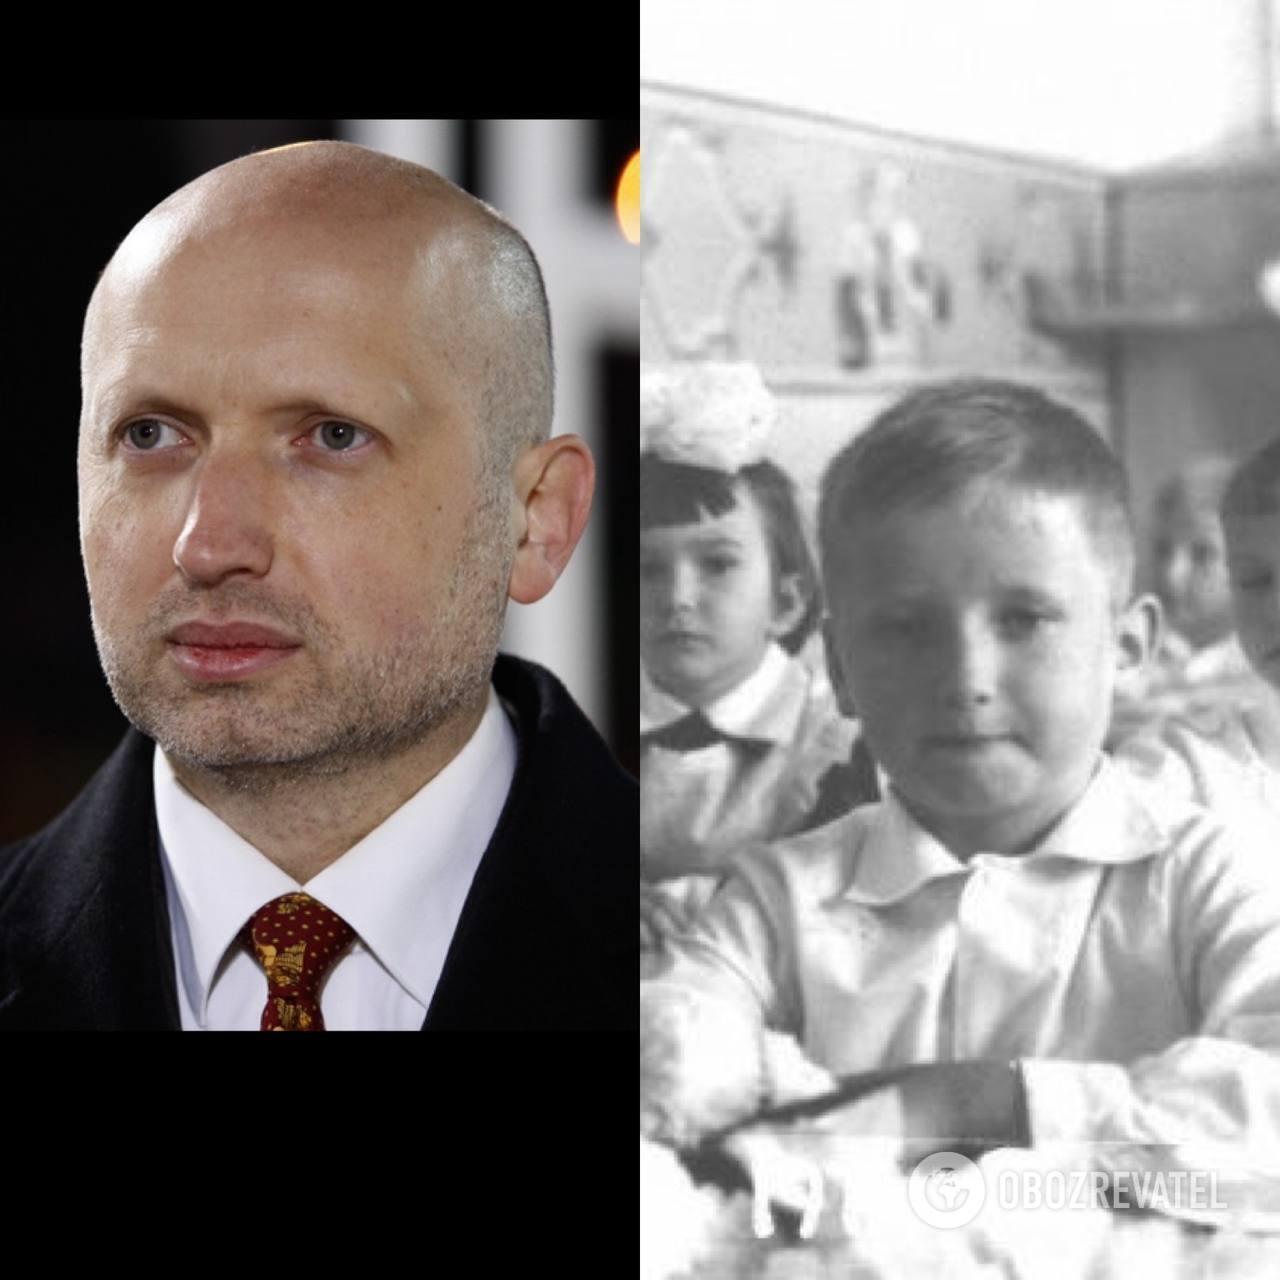 Александр Турчинов: в детстве и сейчас.